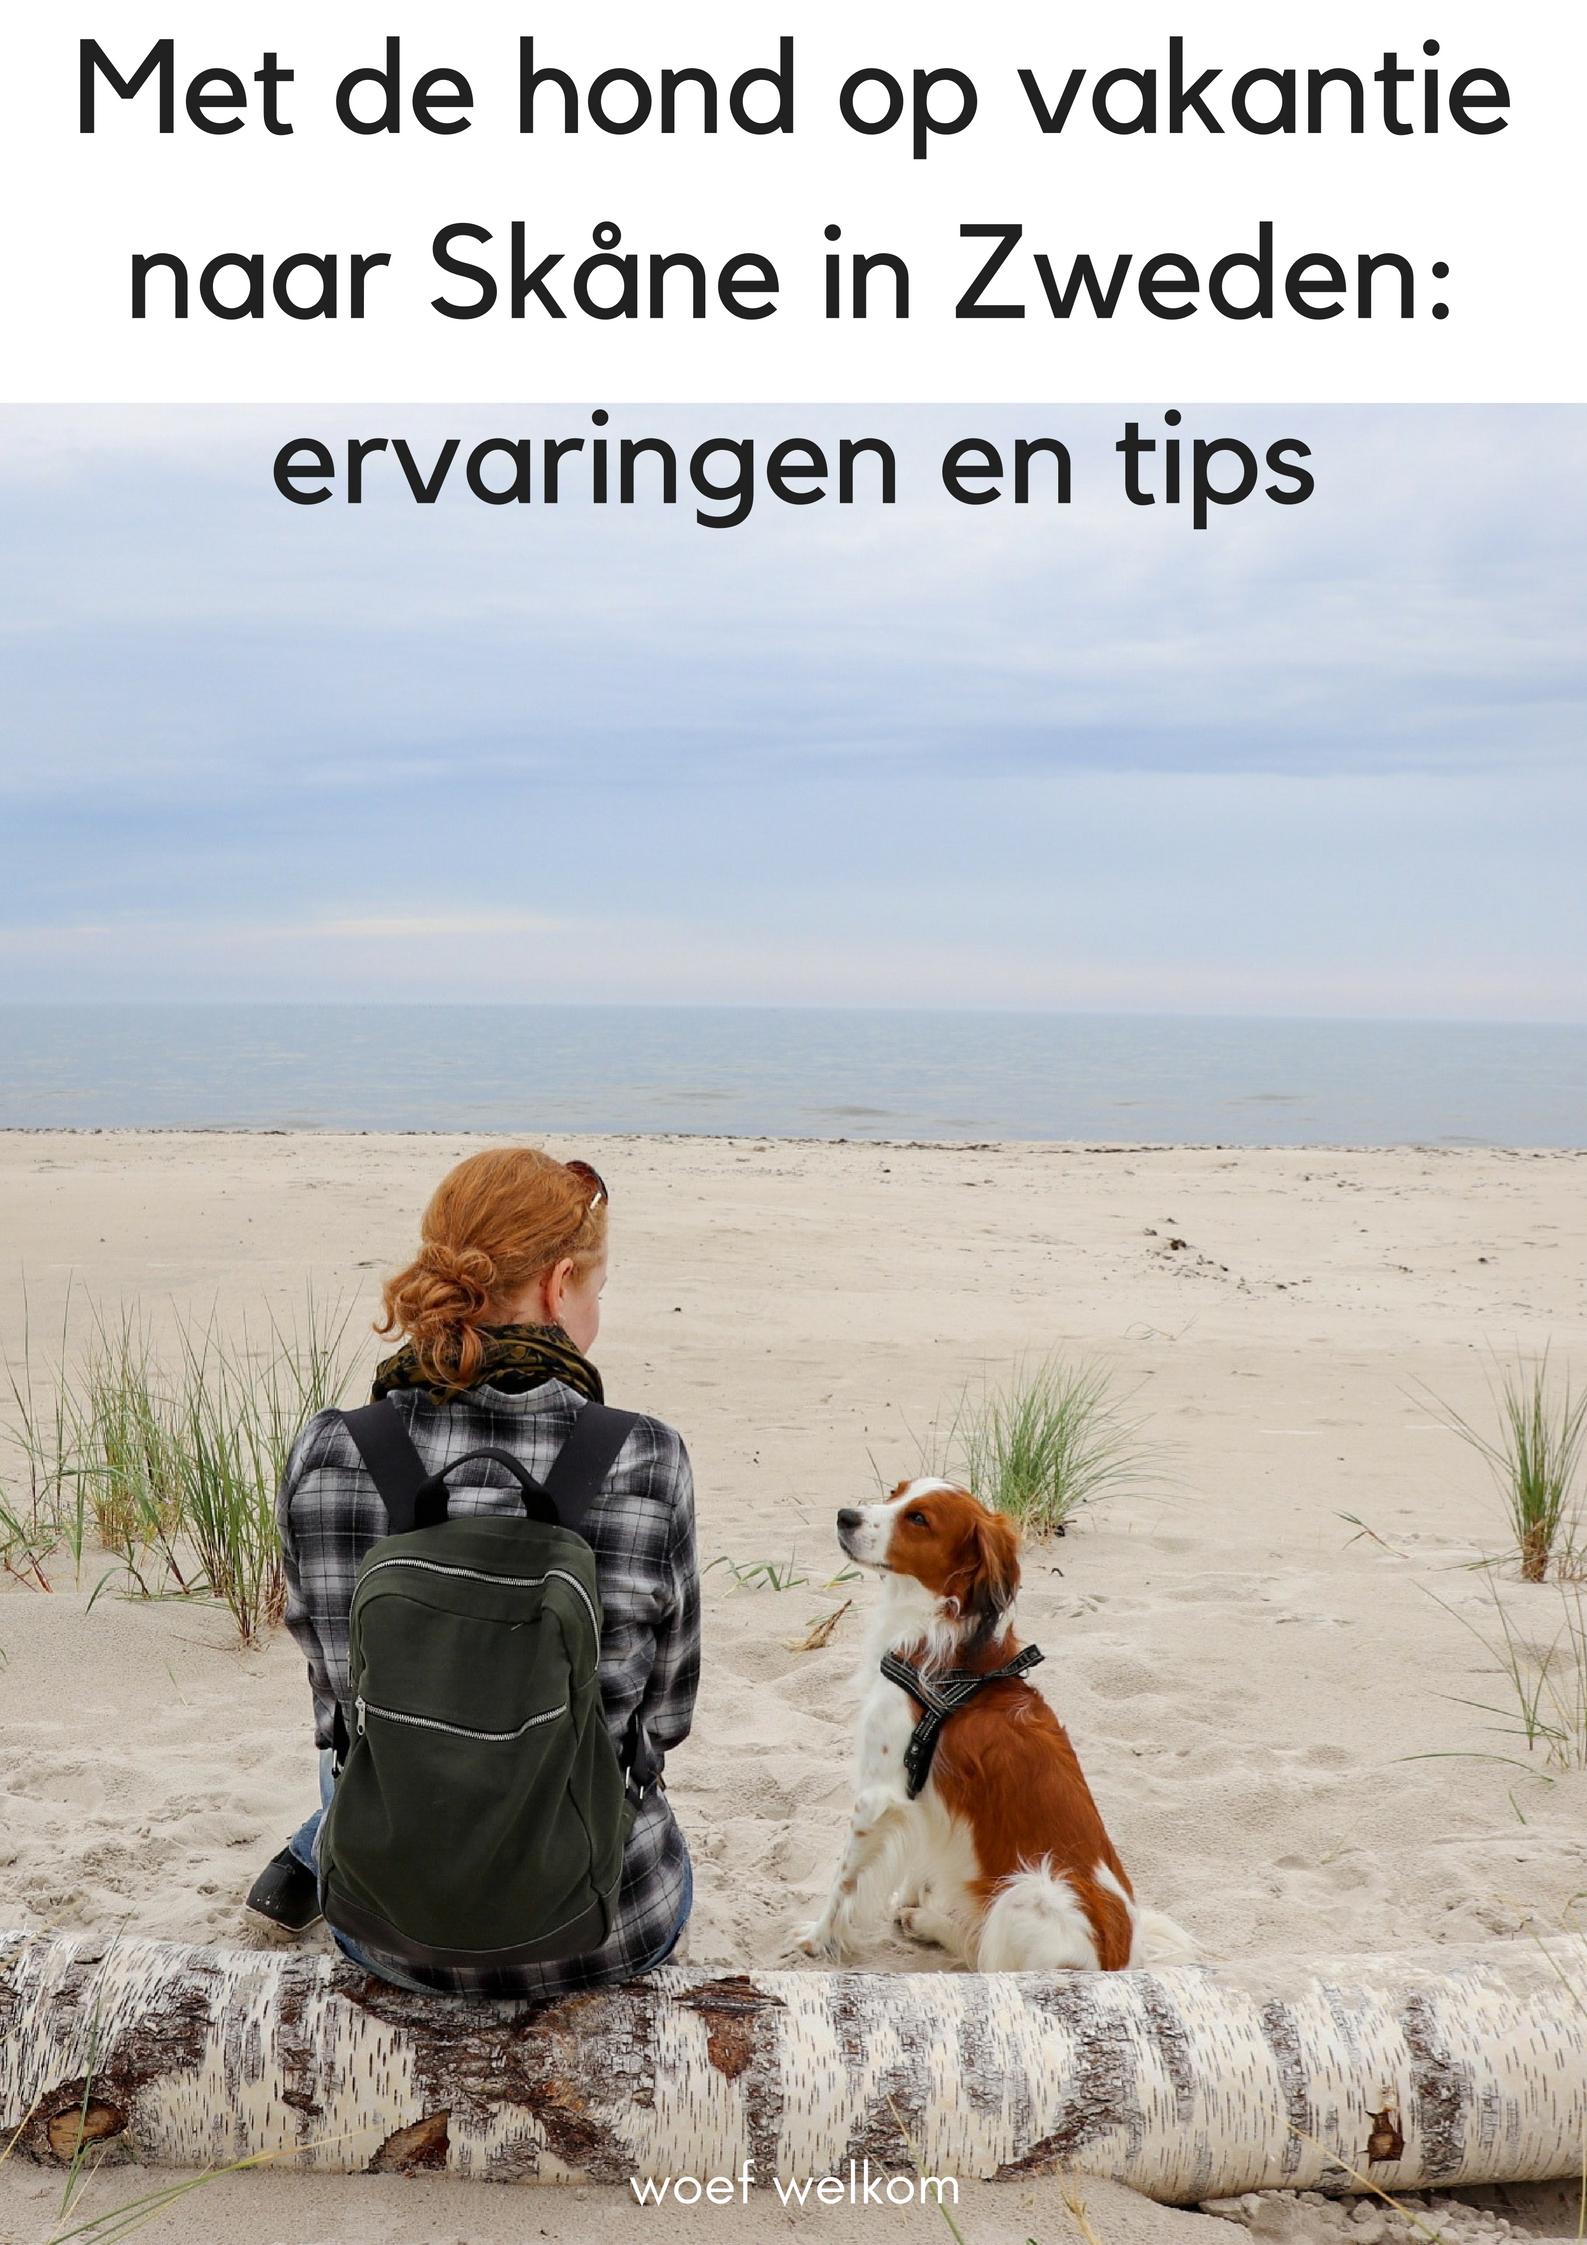 Met de hond op vakantie naar Skåne in Zweden: onze ervaringen en tips - Woef Welkom